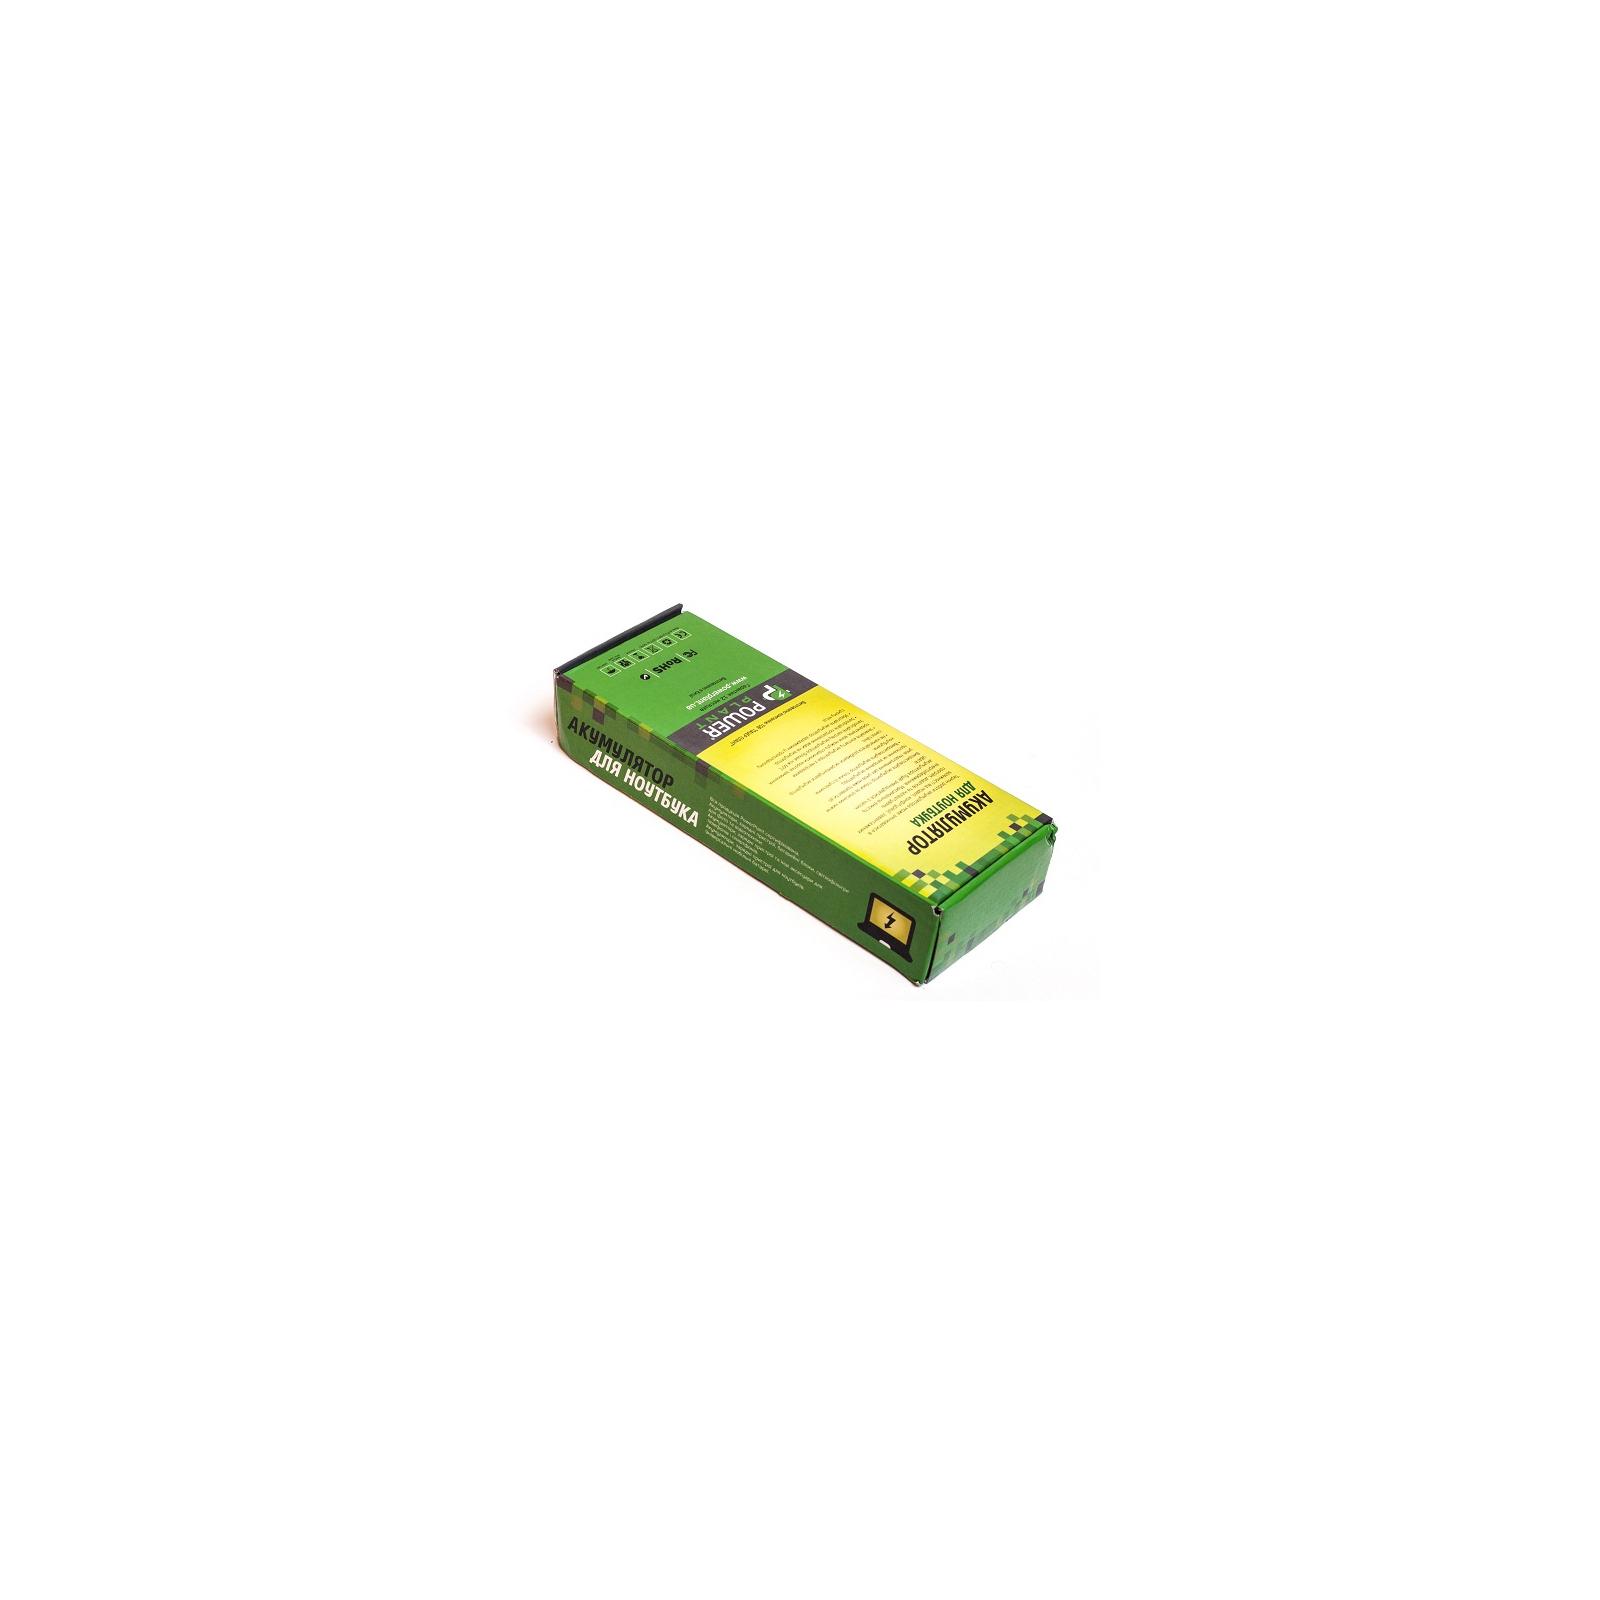 Аккумулятор для ноутбука ASUS A43 A53 (A32-K53) 10.8V 4400mAh PowerPlant (NB00000282) изображение 2